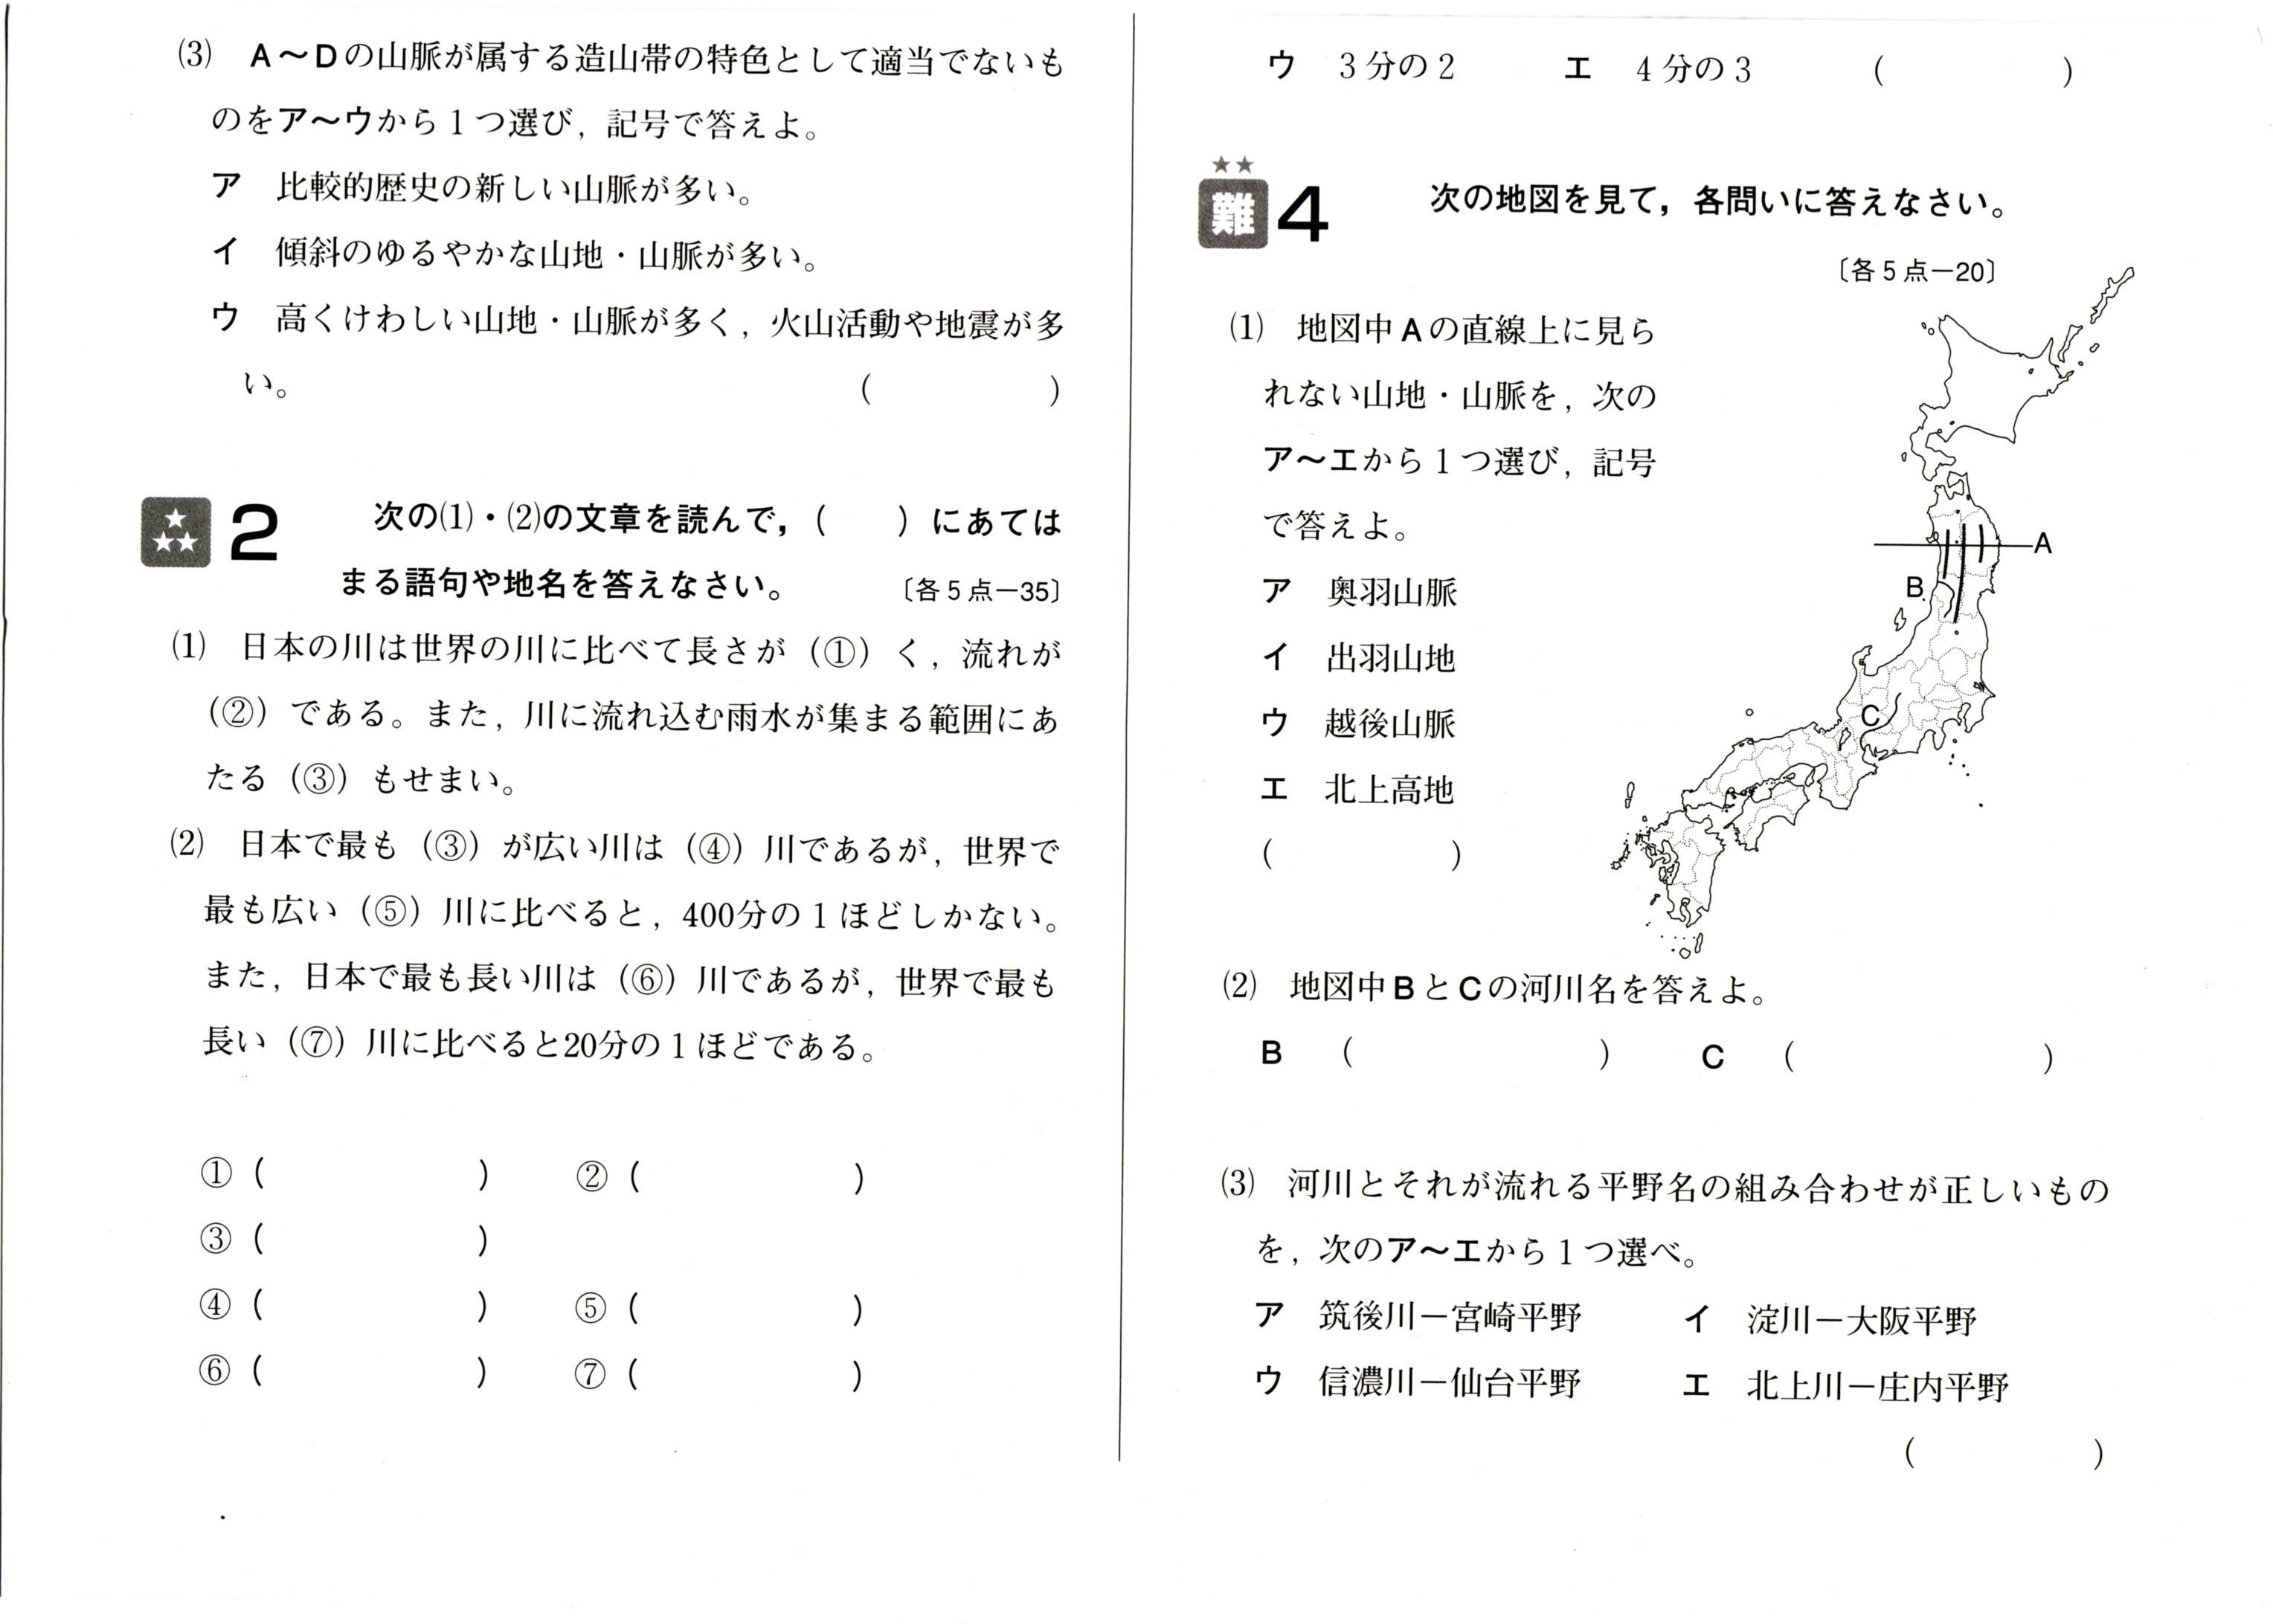 デイリーエースナビ社会定期テスト対策 地理②